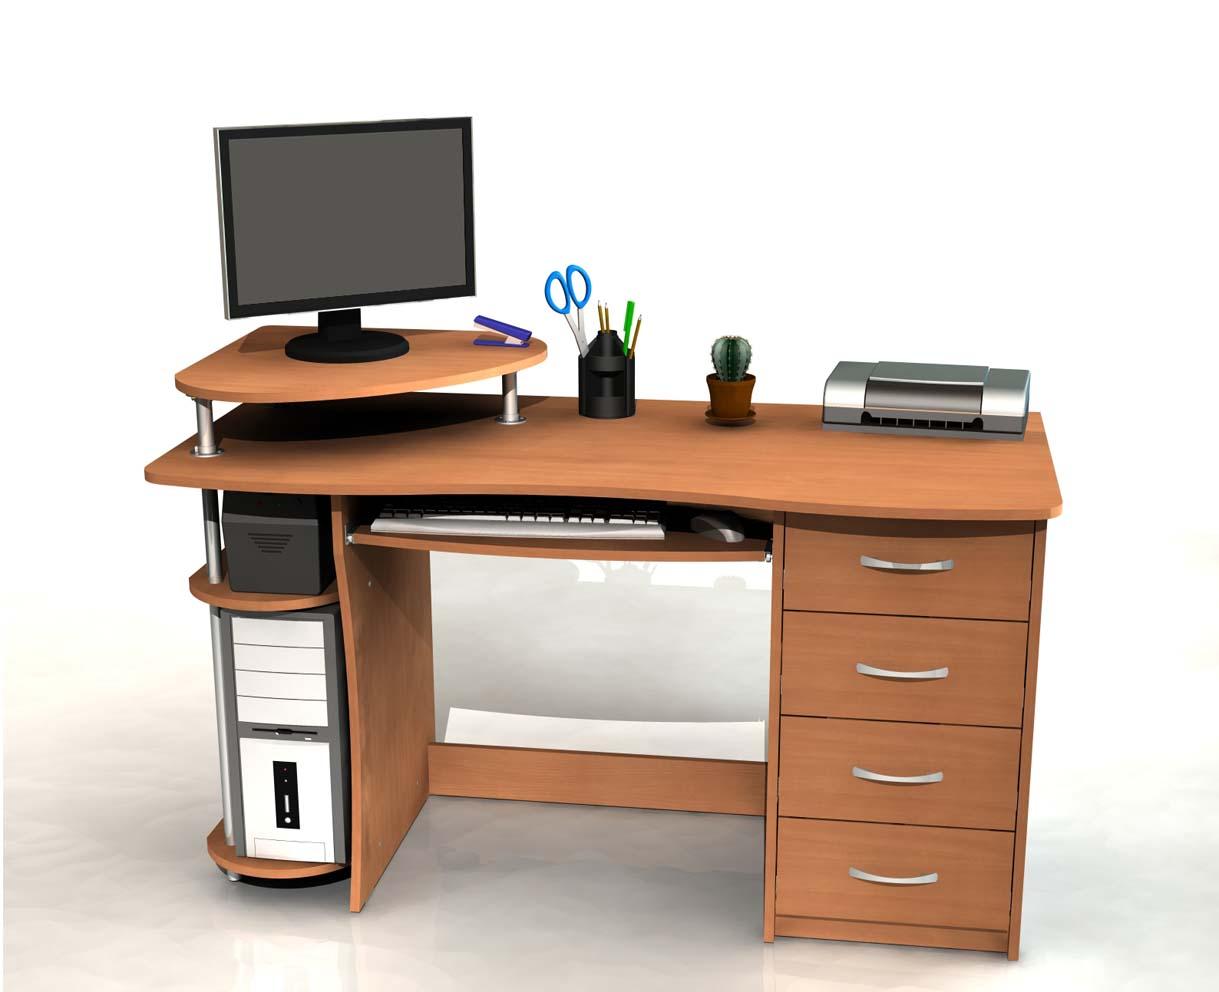 Компьютерные столы - как выбрать? 45 фото готовых идей дизай.